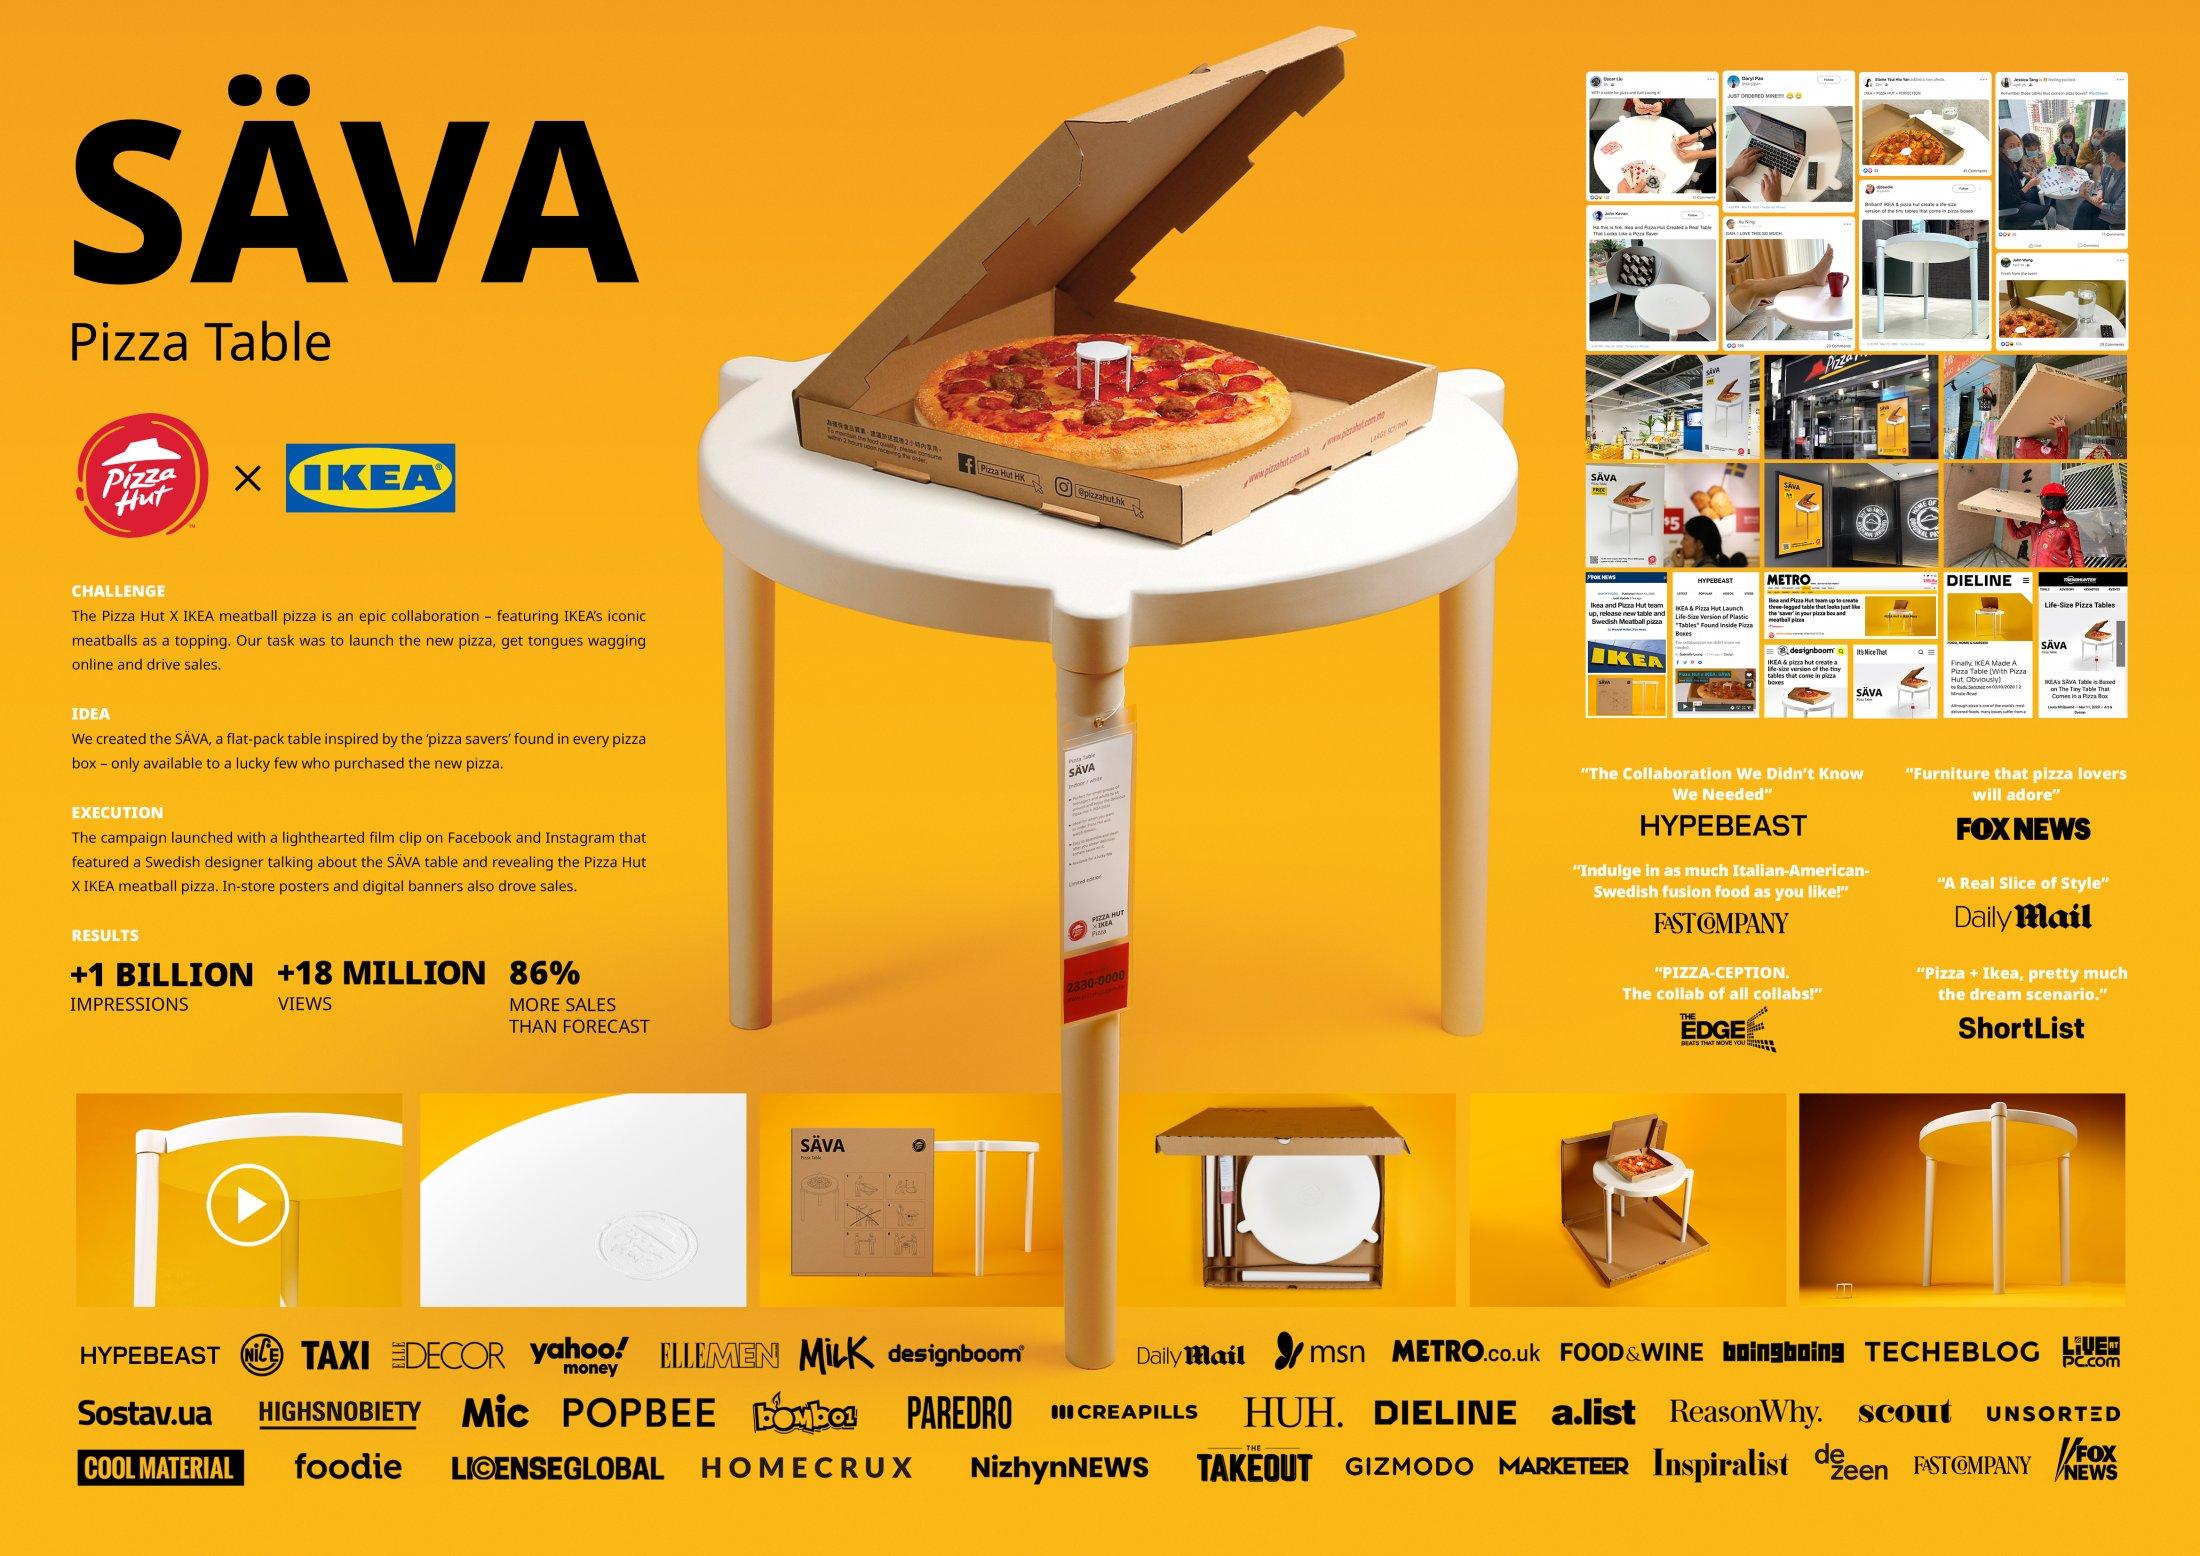 Thumbnail for Pizza Hut x IKEA SÄVA